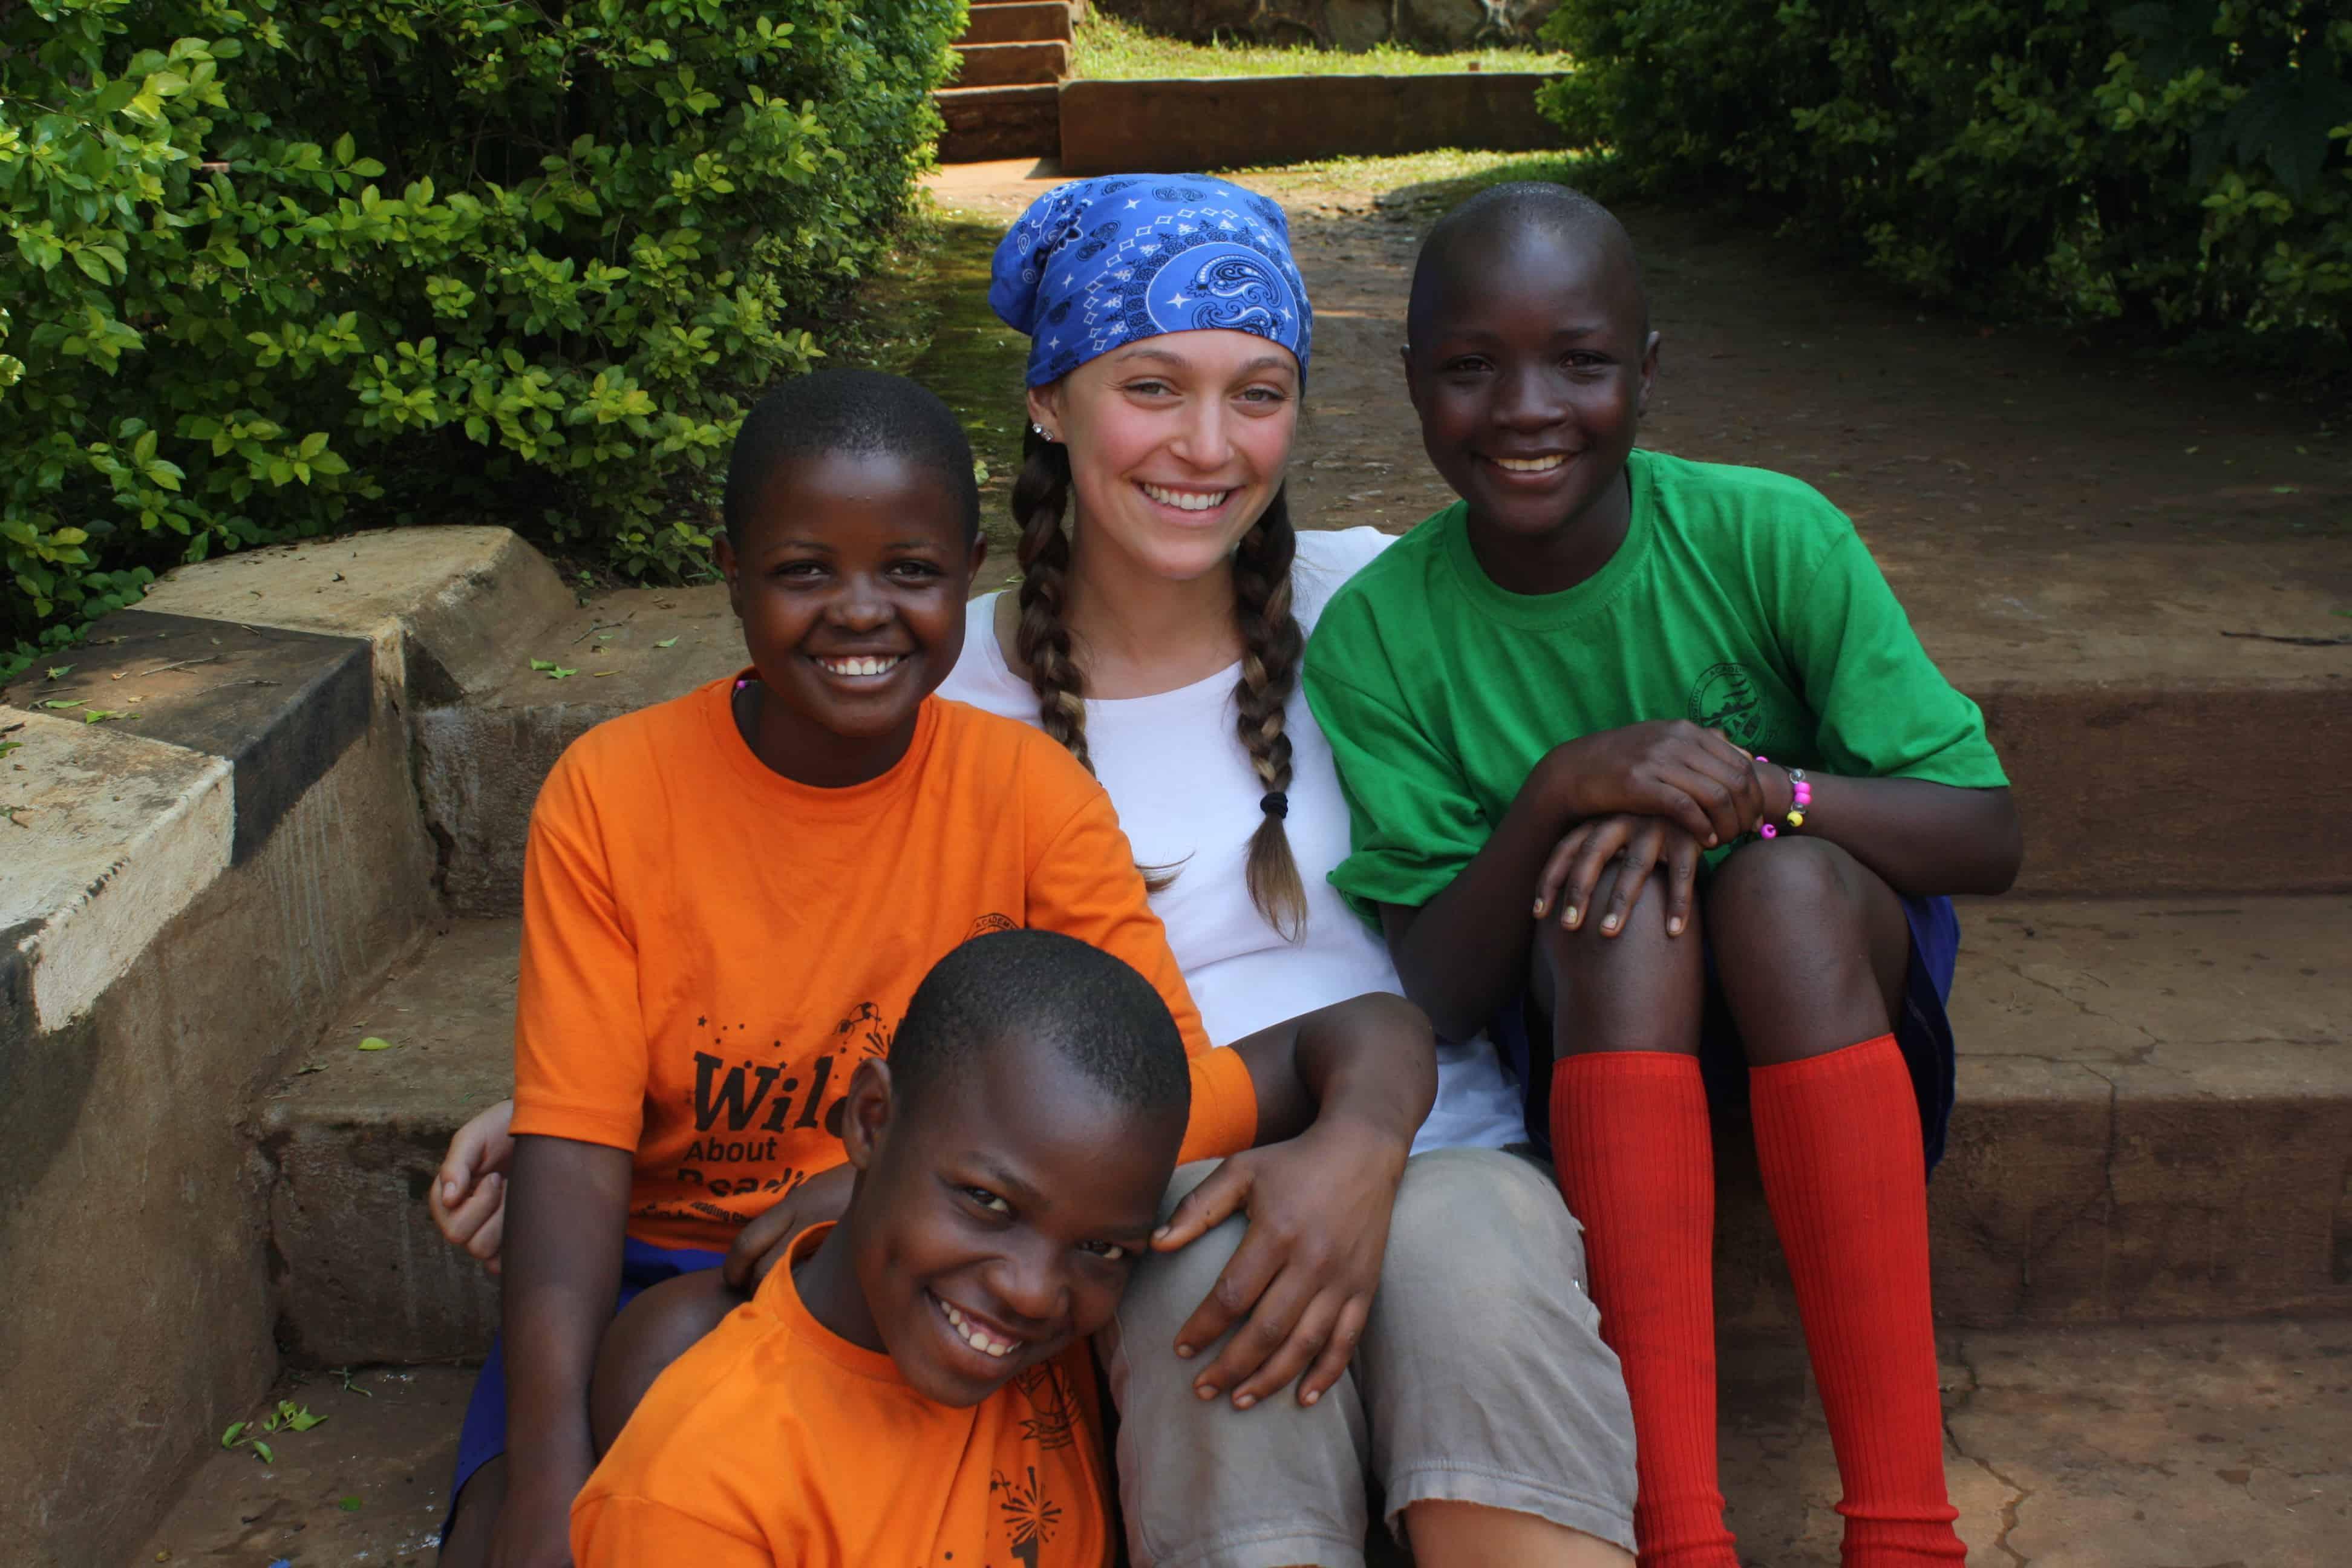 Returning to Uganda